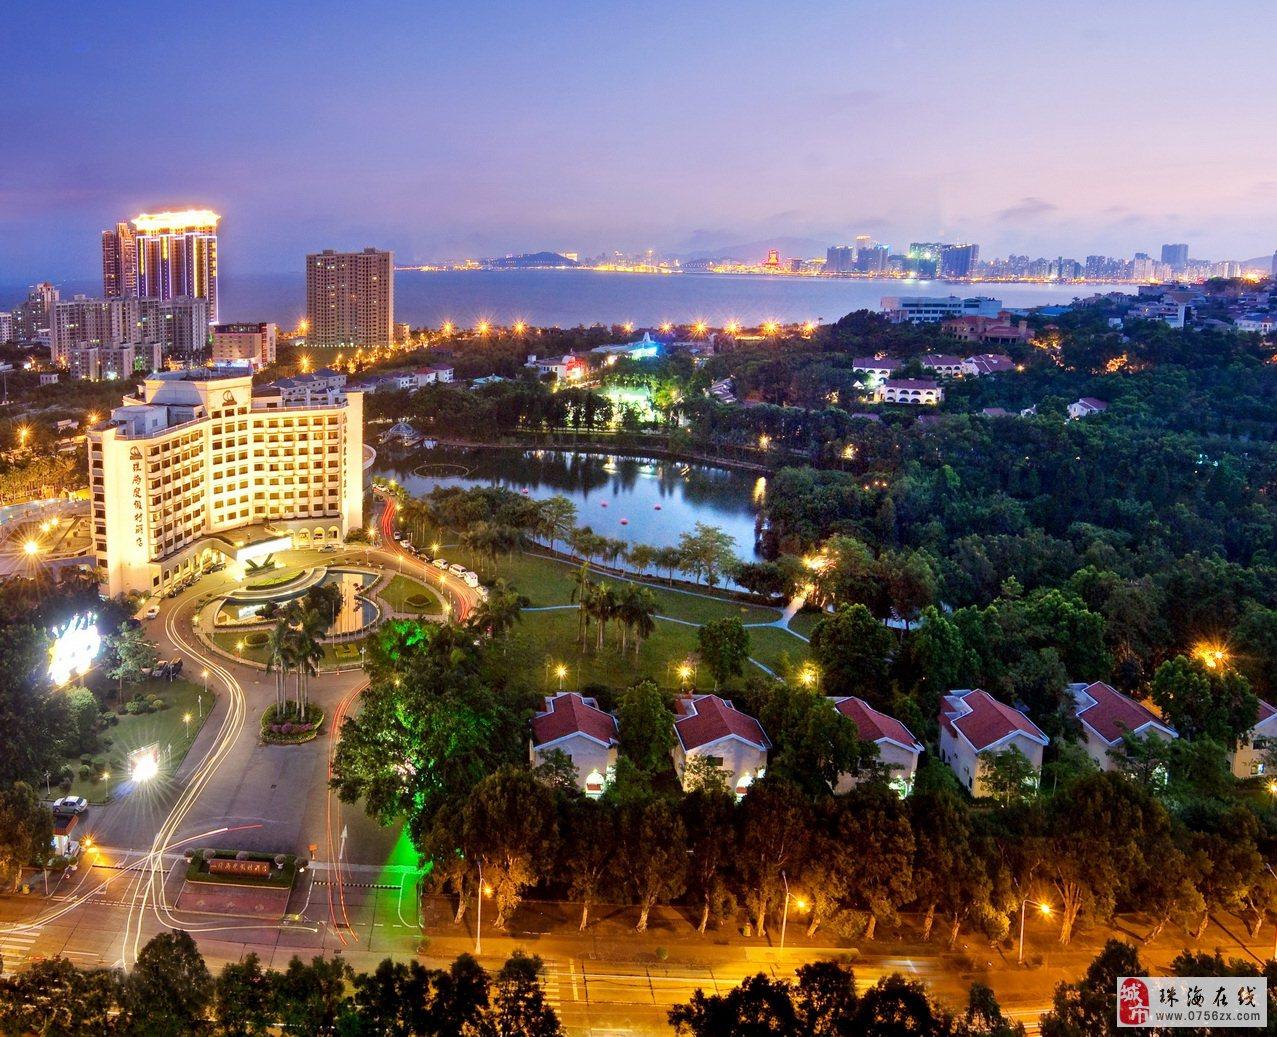 摄影:珠海度假村酒店摄影师梁才有